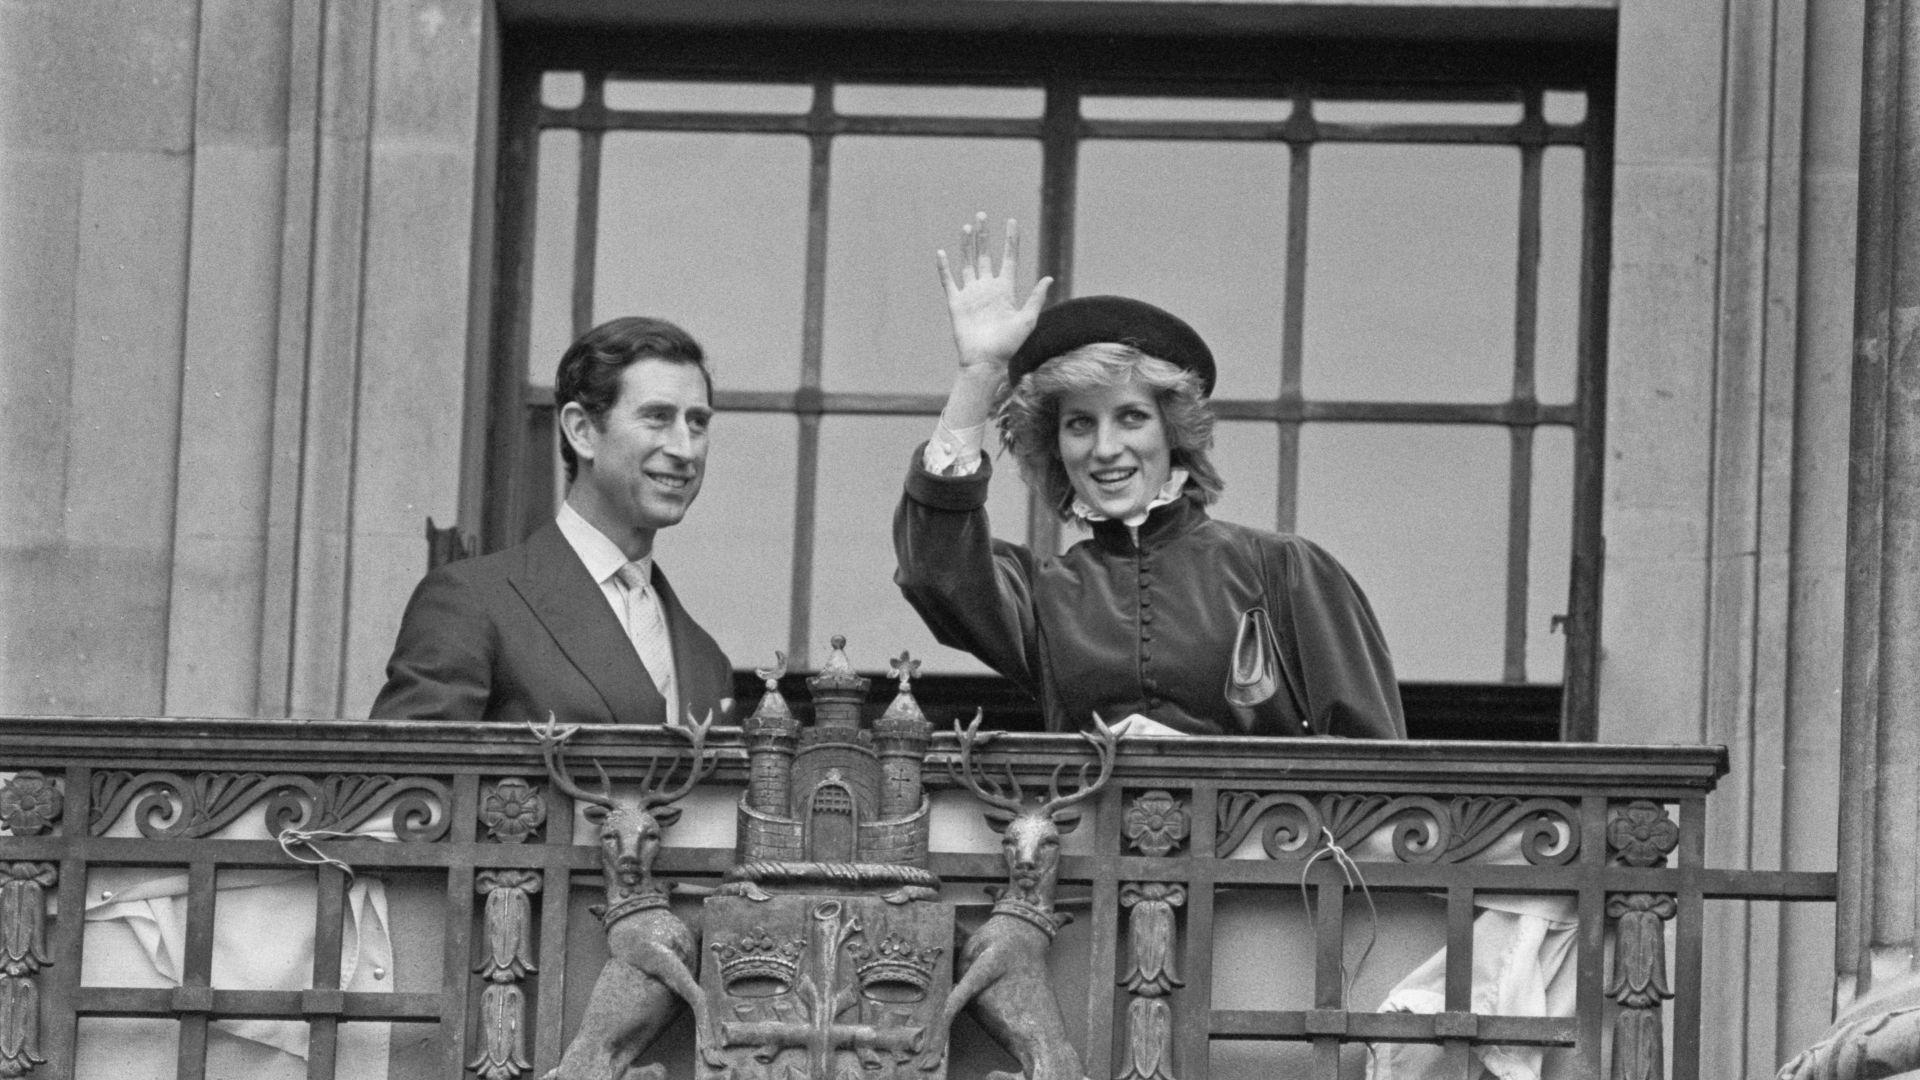 На днешния ден преди 25 години: Интервю слага финален акорд в брака на Лейди Ди и Чарлз